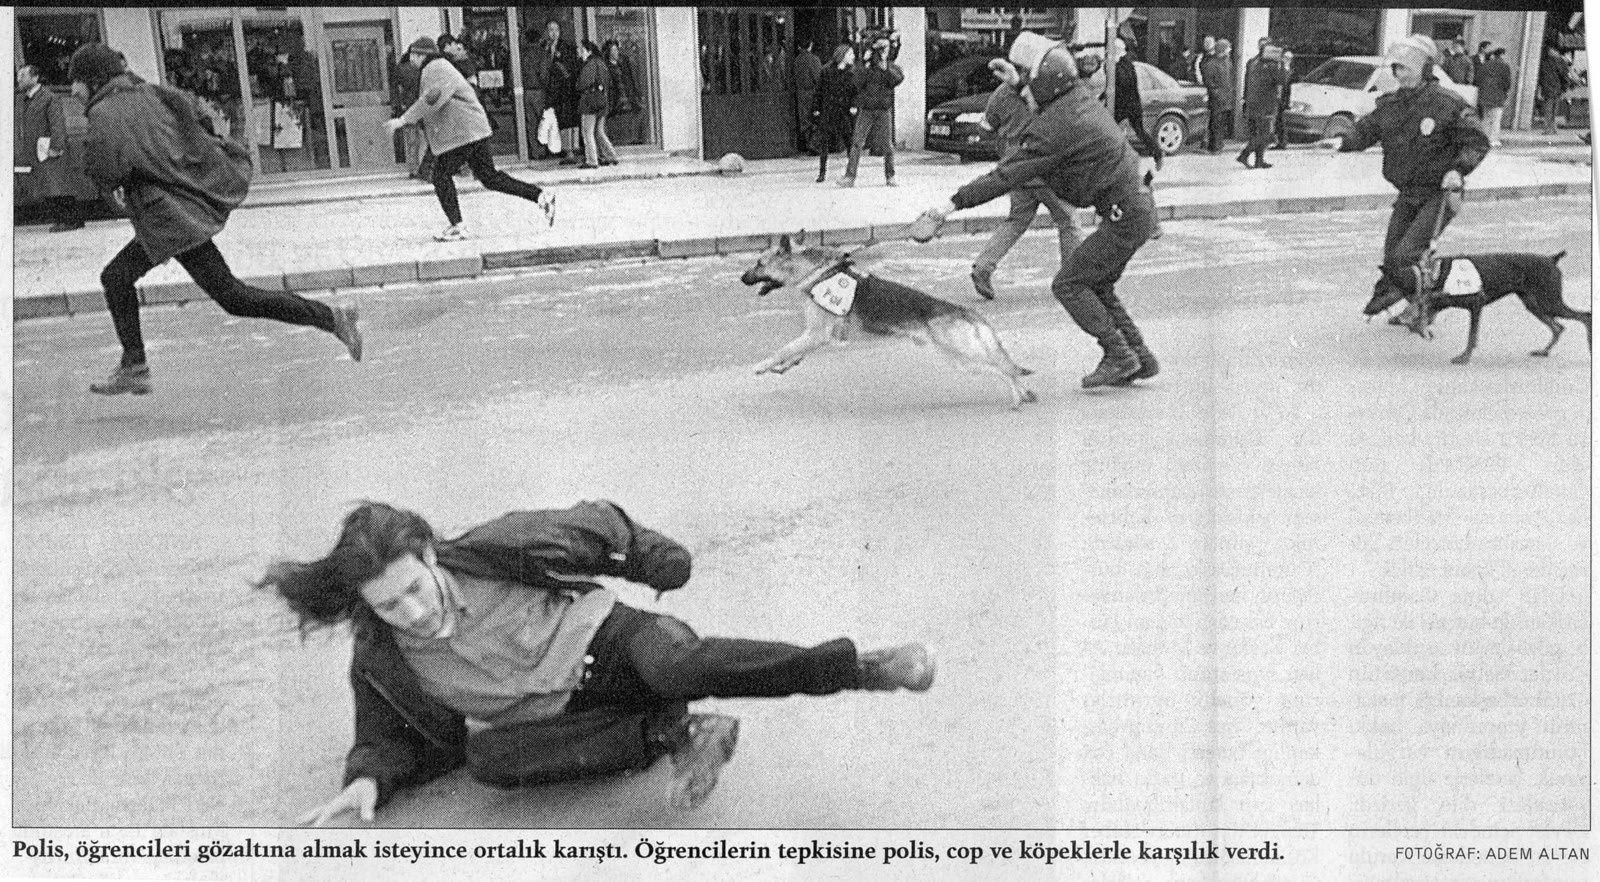 La manifestation d'Ankara - photo Adem Altan pour Radikal, 18 décembre 1997